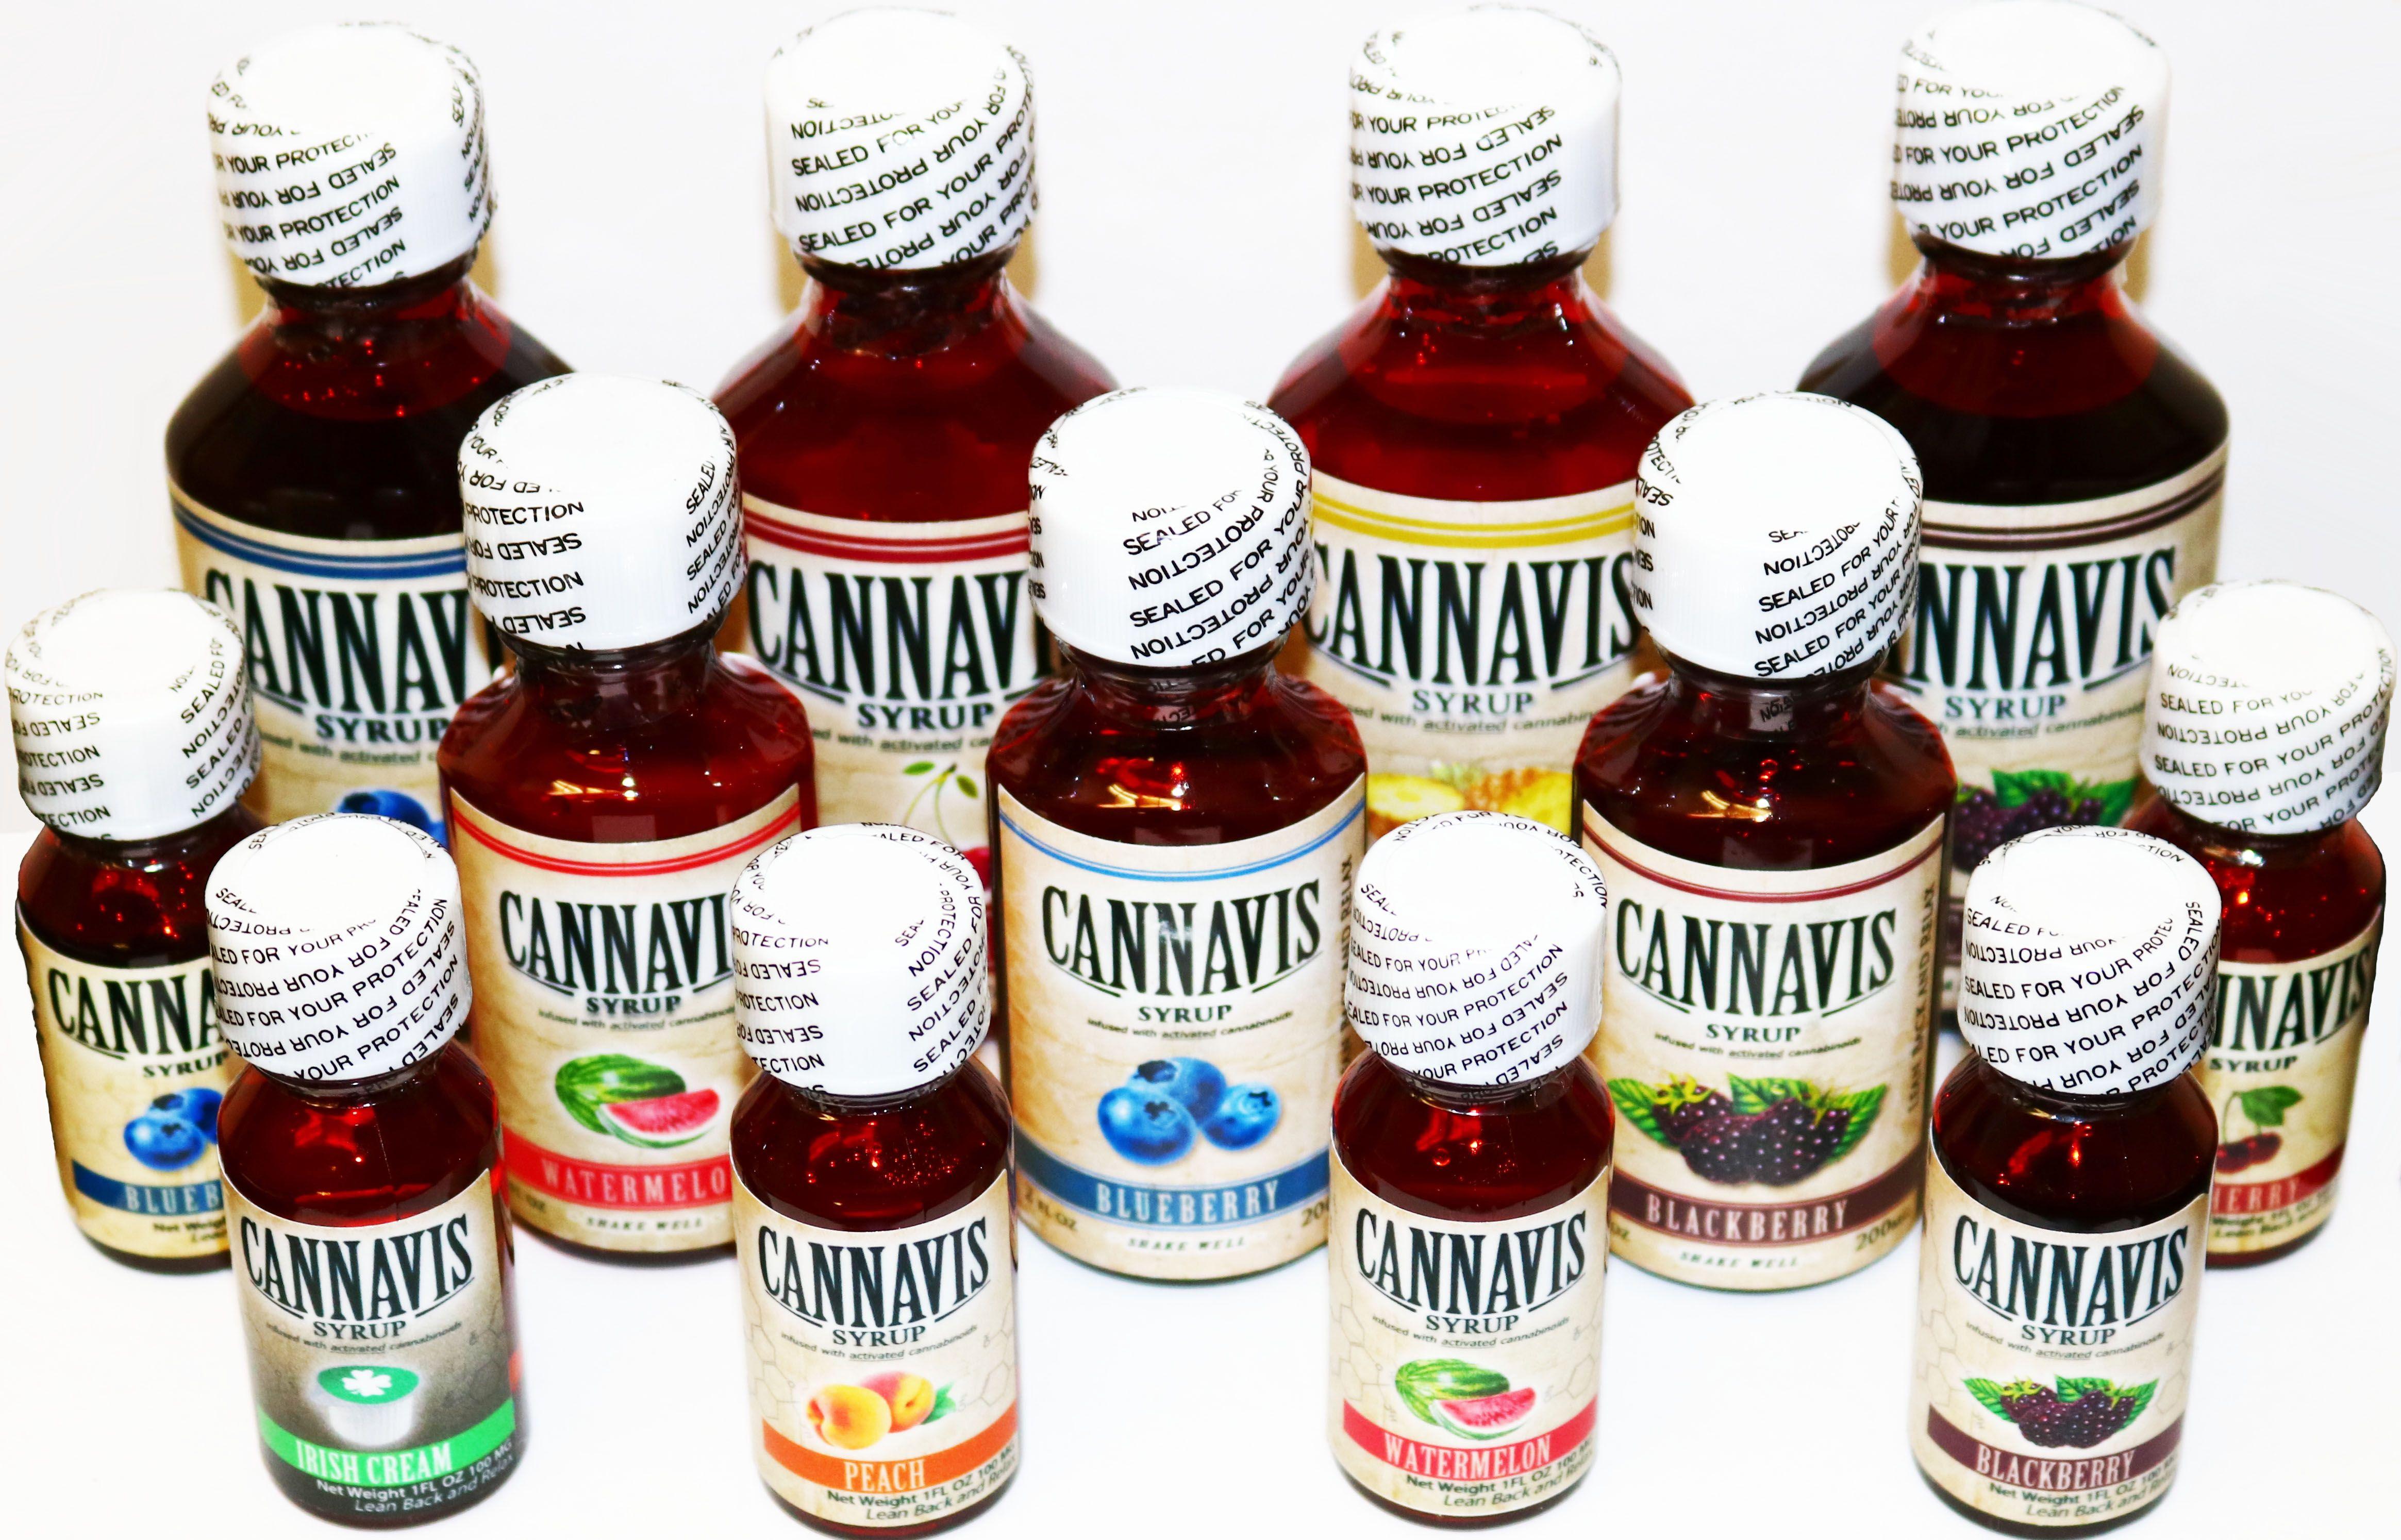 Cannavis Syrup - 400mg